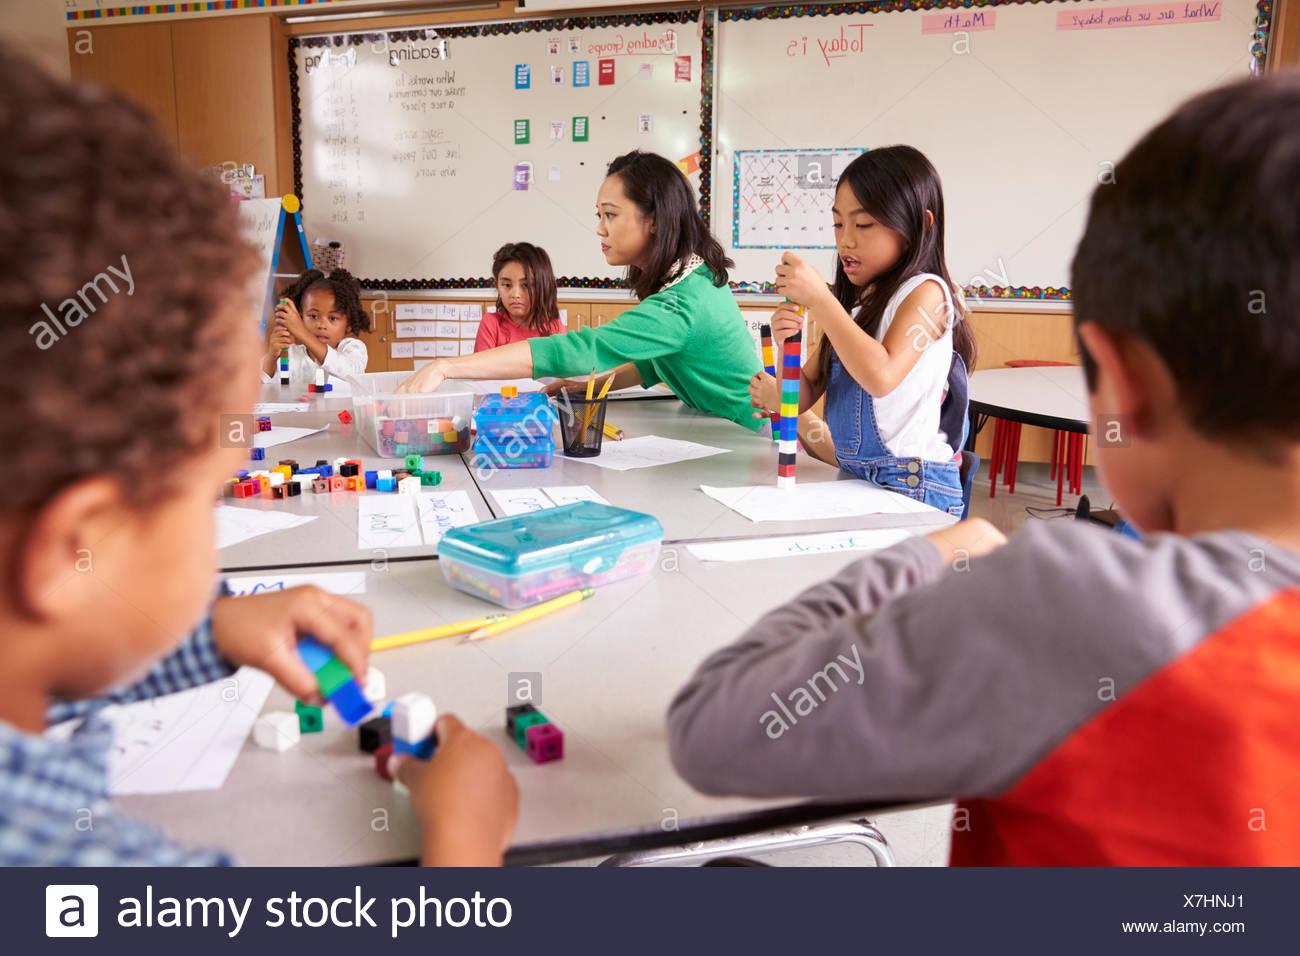 Enseignant de l'école élémentaire utilise des jeux de cubes en classe avec les enfants Photo Stock